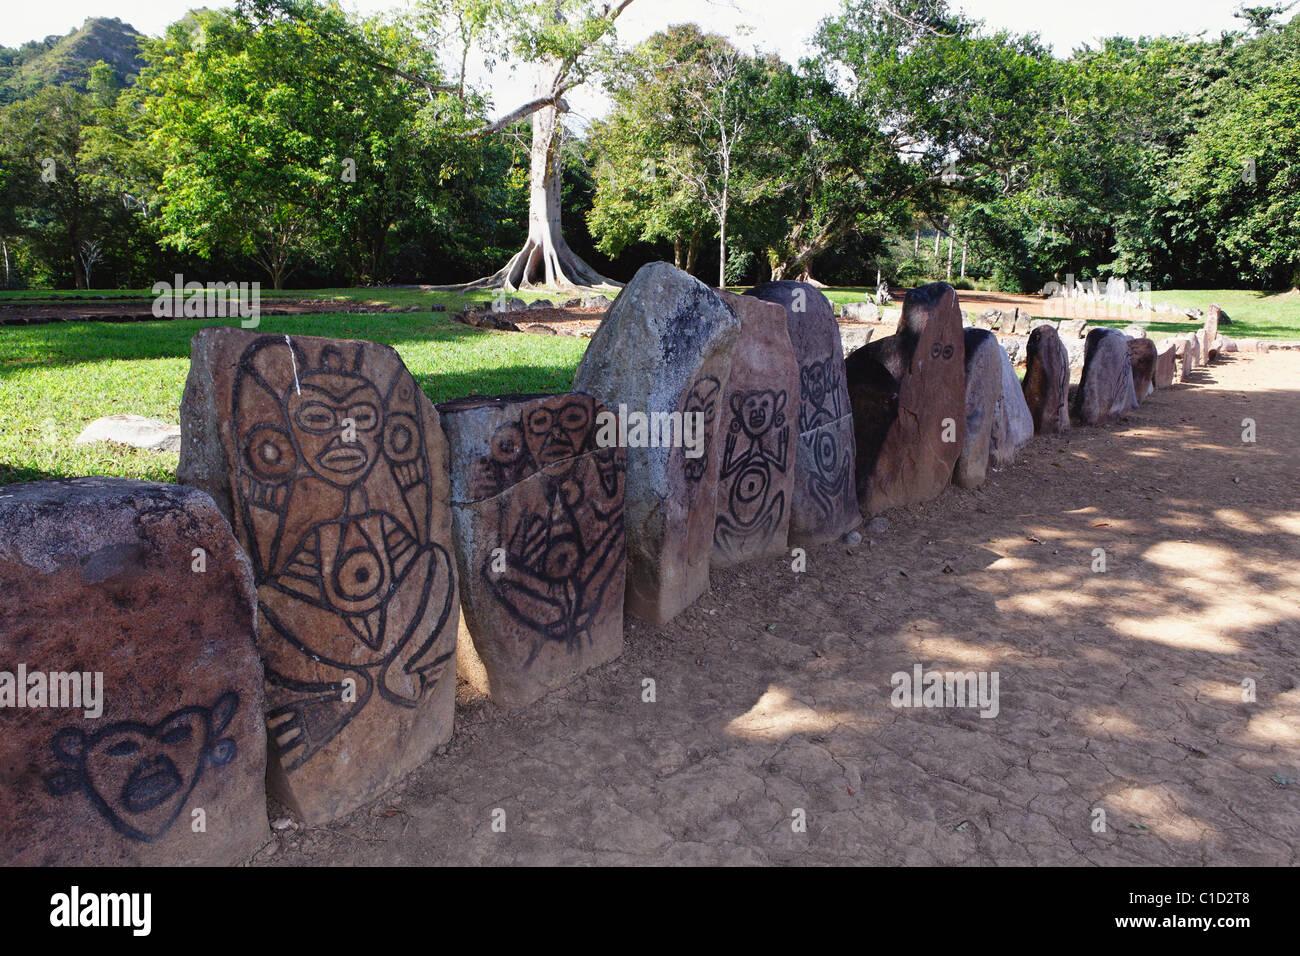 Petroglyph presso il Cerimoniale Caguana Park, Utuado, Puerto Rico Immagini Stock